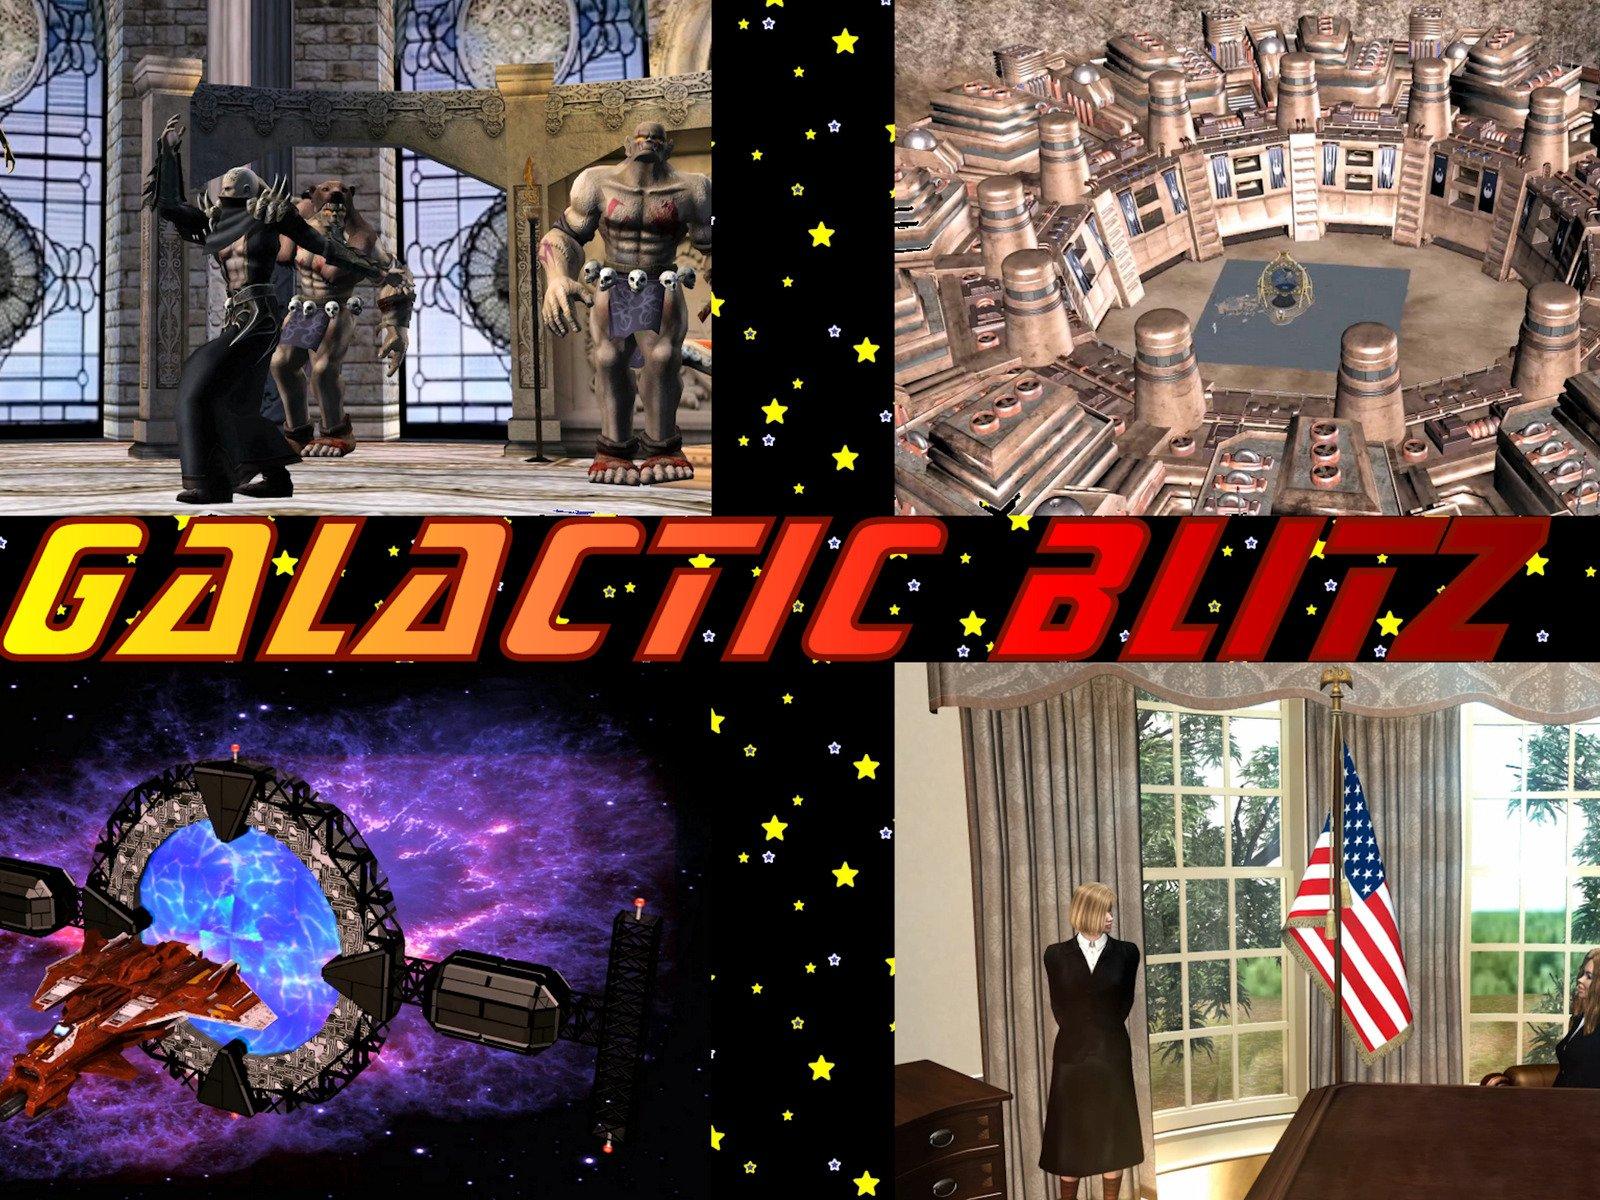 Clip: Galactic Blitz - Season 1